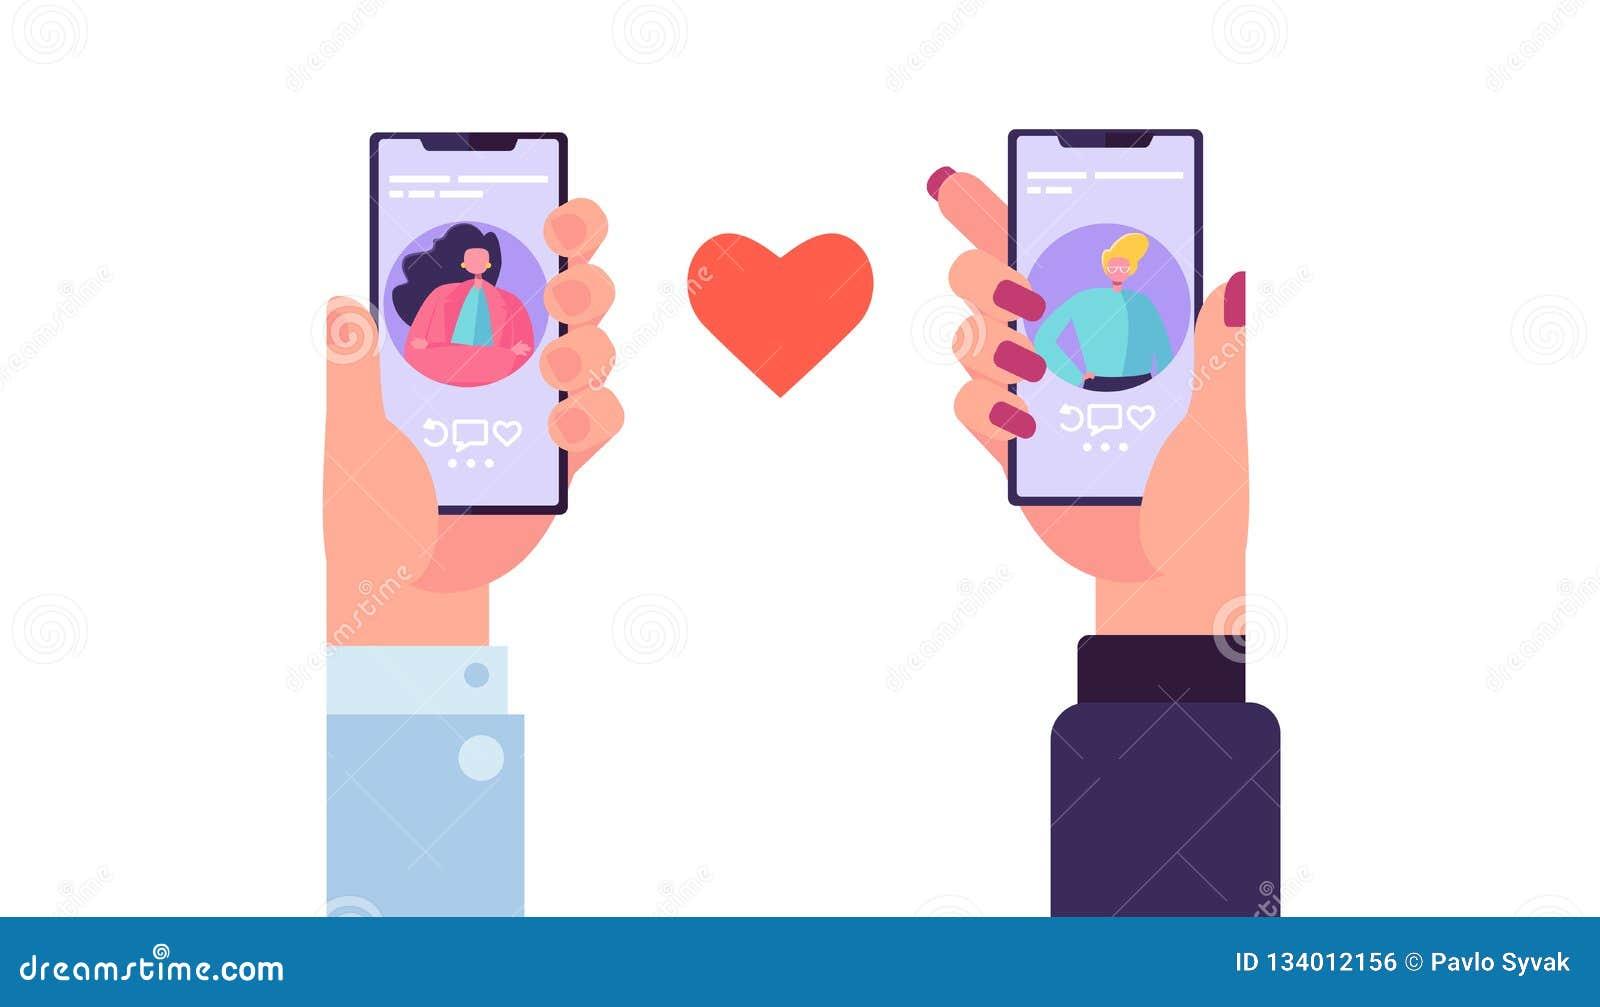 Comment trouver l'amour sans Internet datant